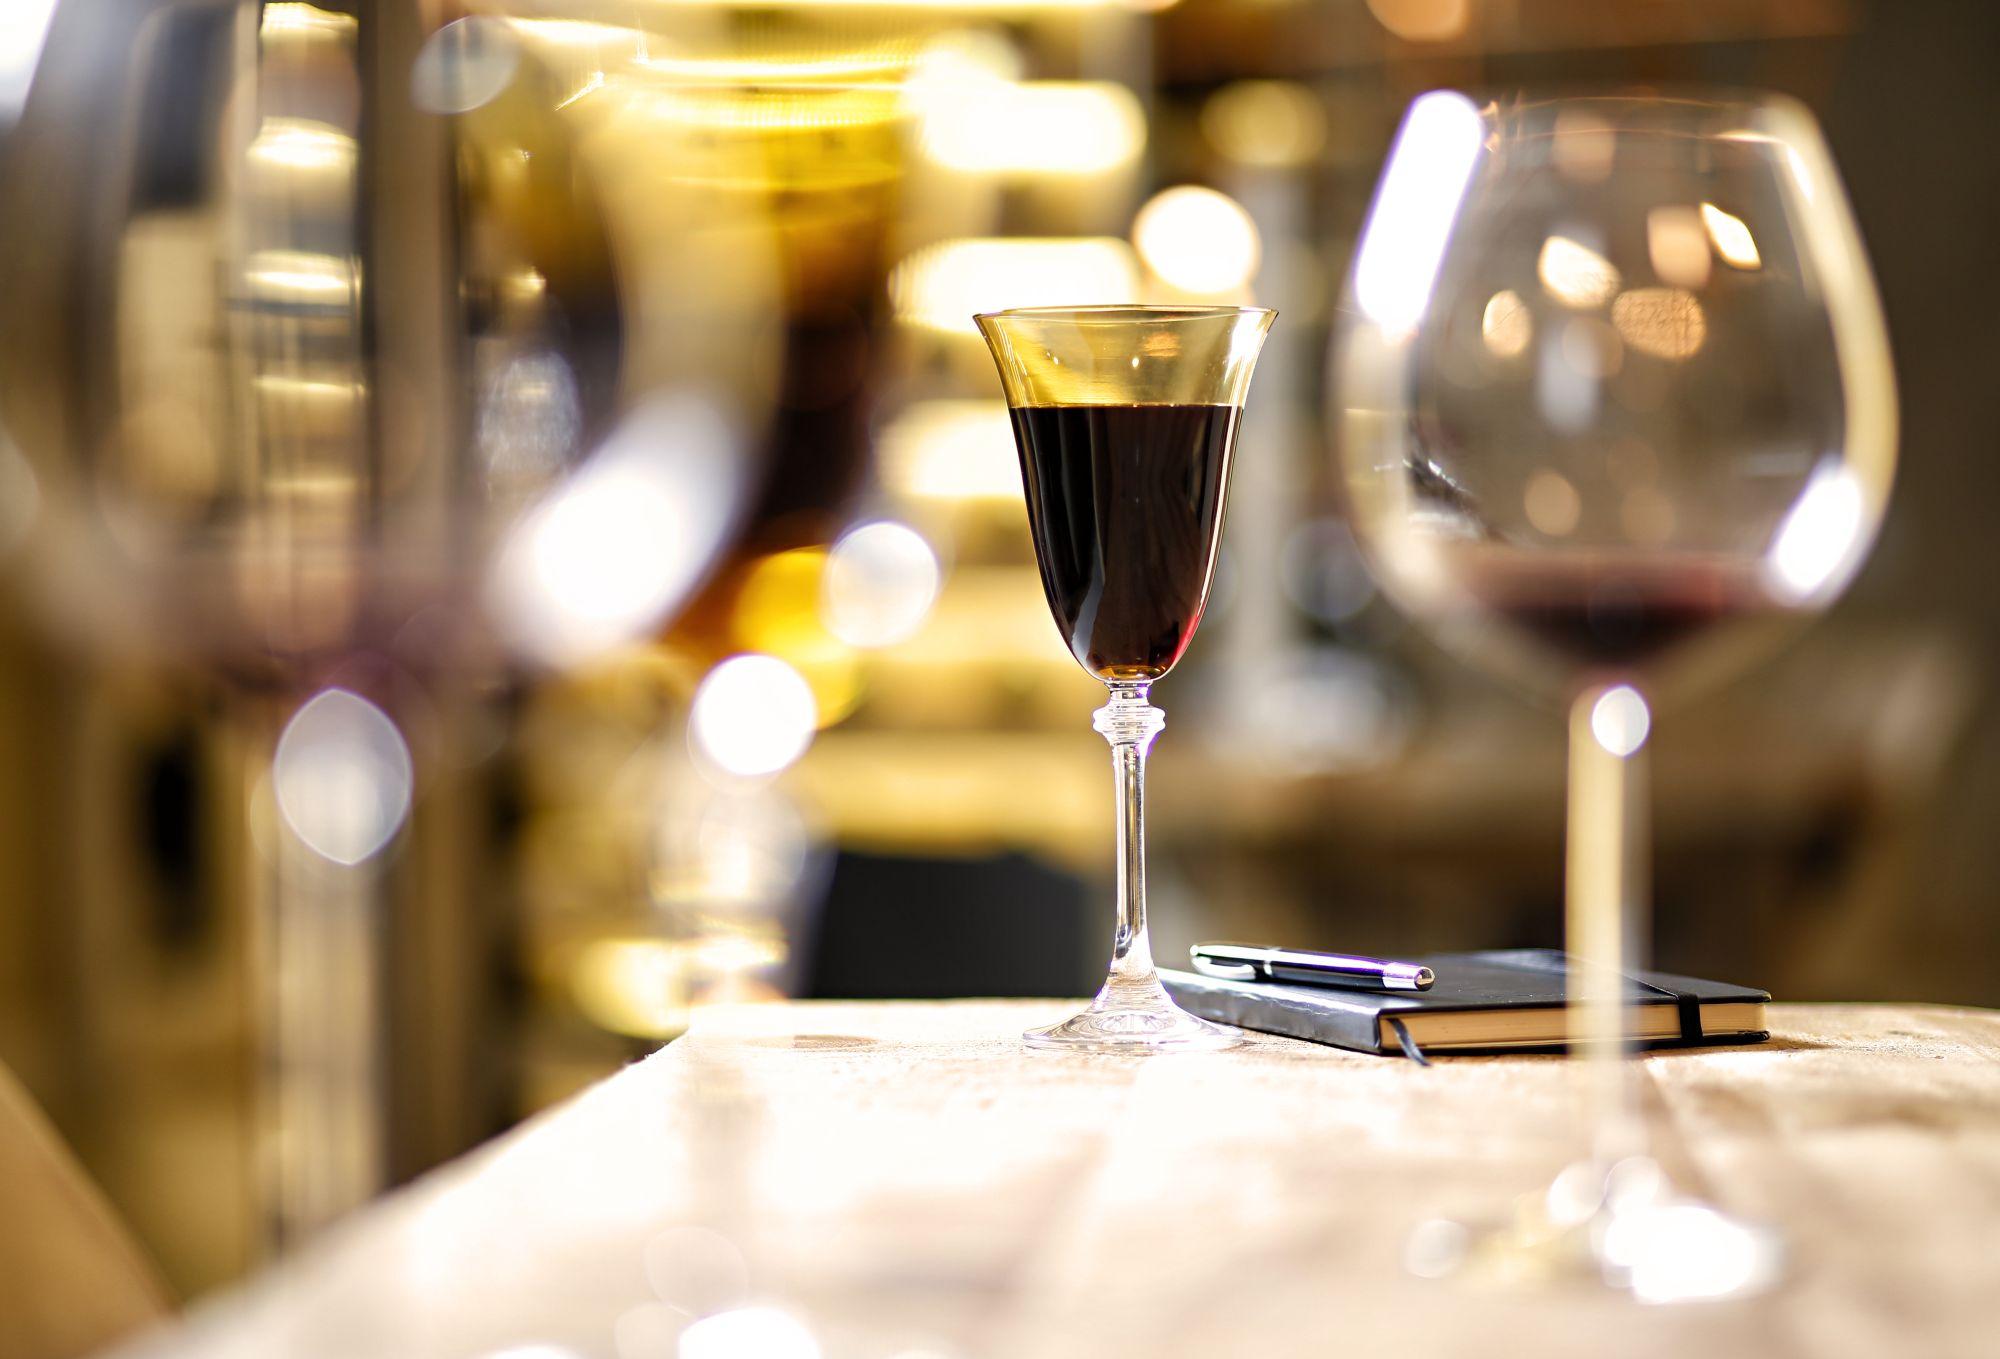 Lugares em Curitiba que servem vinho à vontade a partir de R$ 29